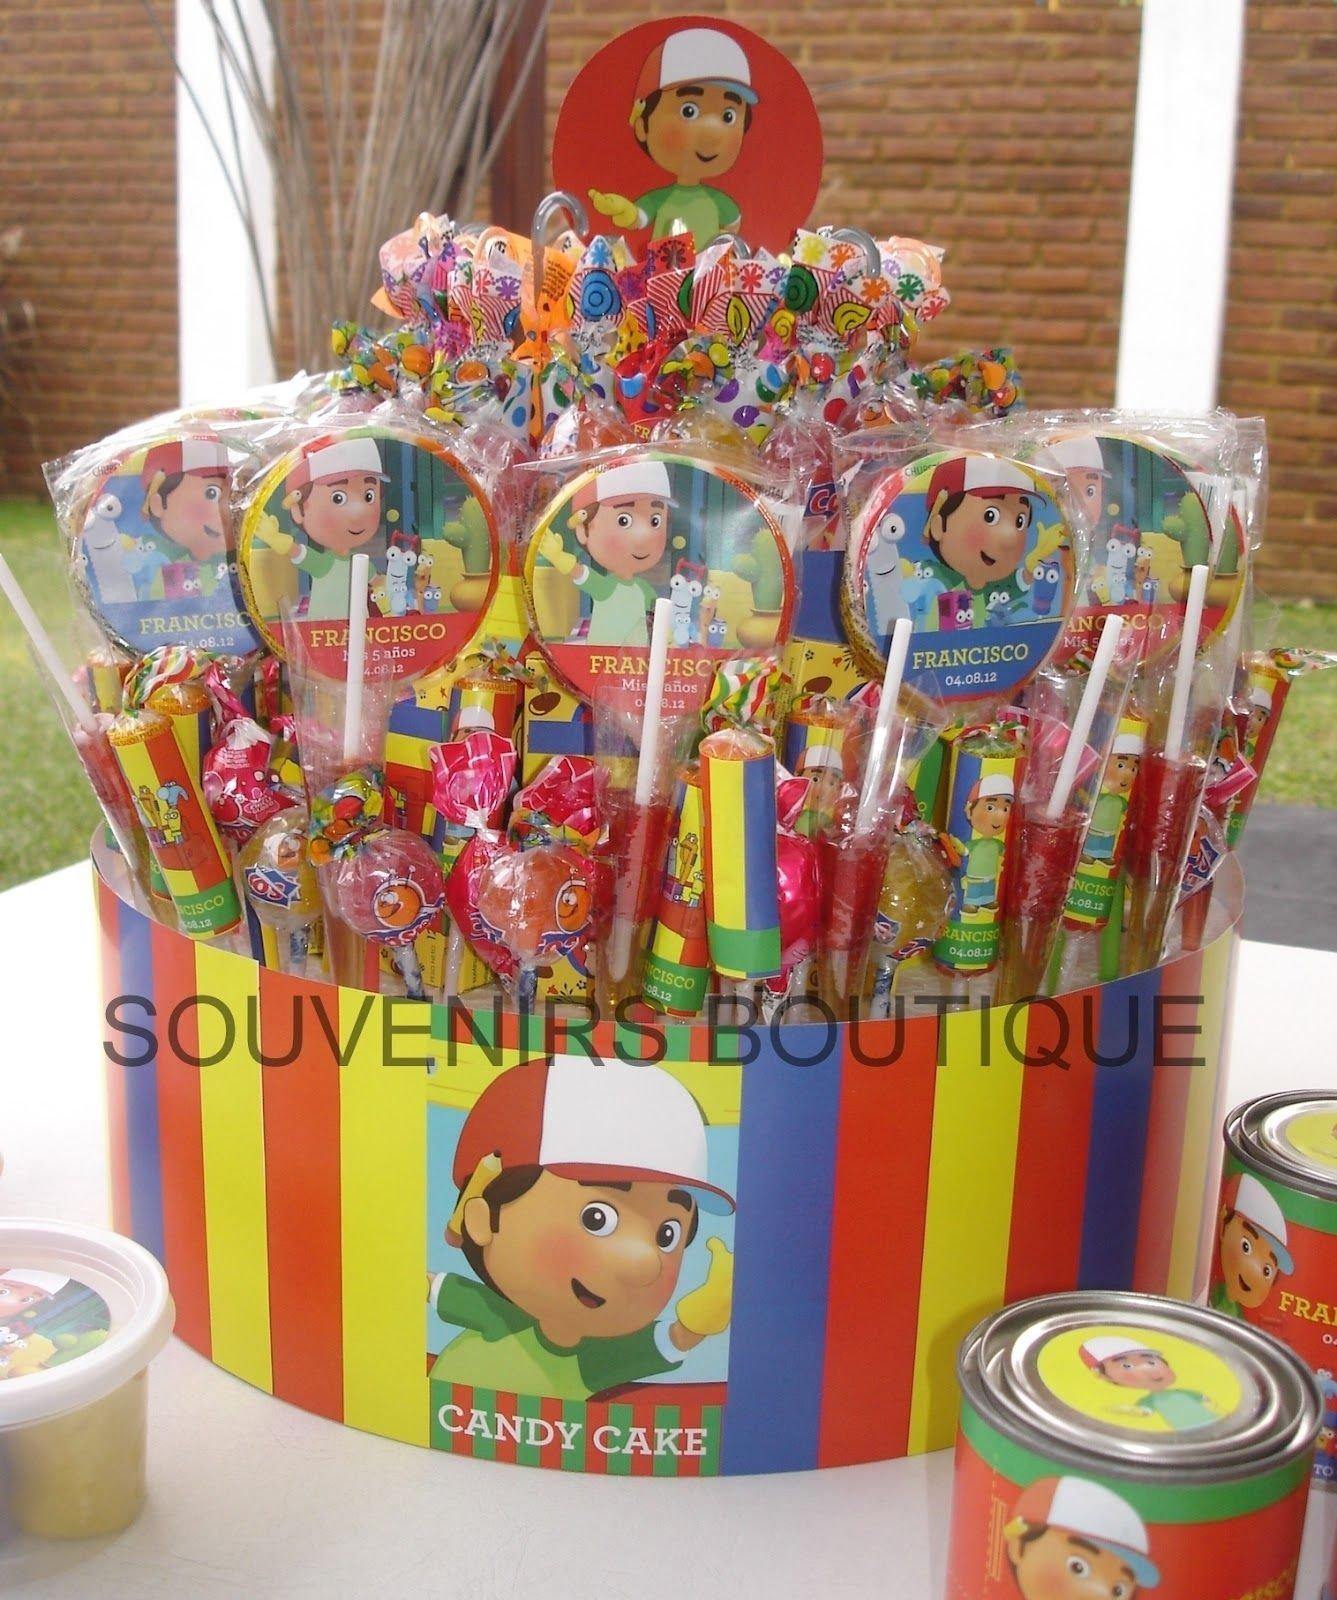 10 Amazing Handy Manny Birthday Party Ideas resultado de imagen para ideas de fiesta manny a la obra liam b 2020